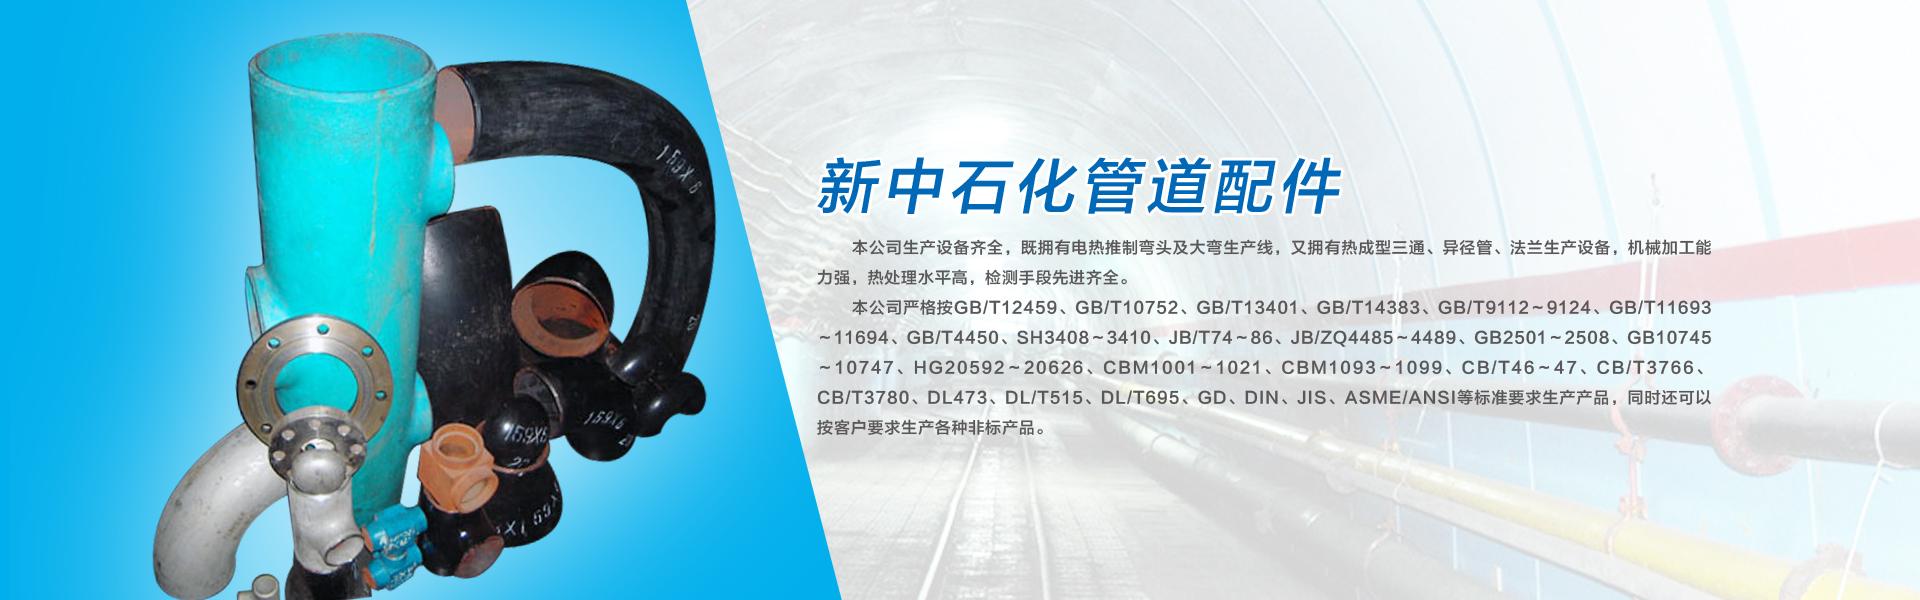 肇庆市高要新中石化管道配件北京赛车pk拾开奖直播拥有热成型三通、异径管、法兰生产设备,机械加工能力强,热处理水平高,检测手段先进齐全。